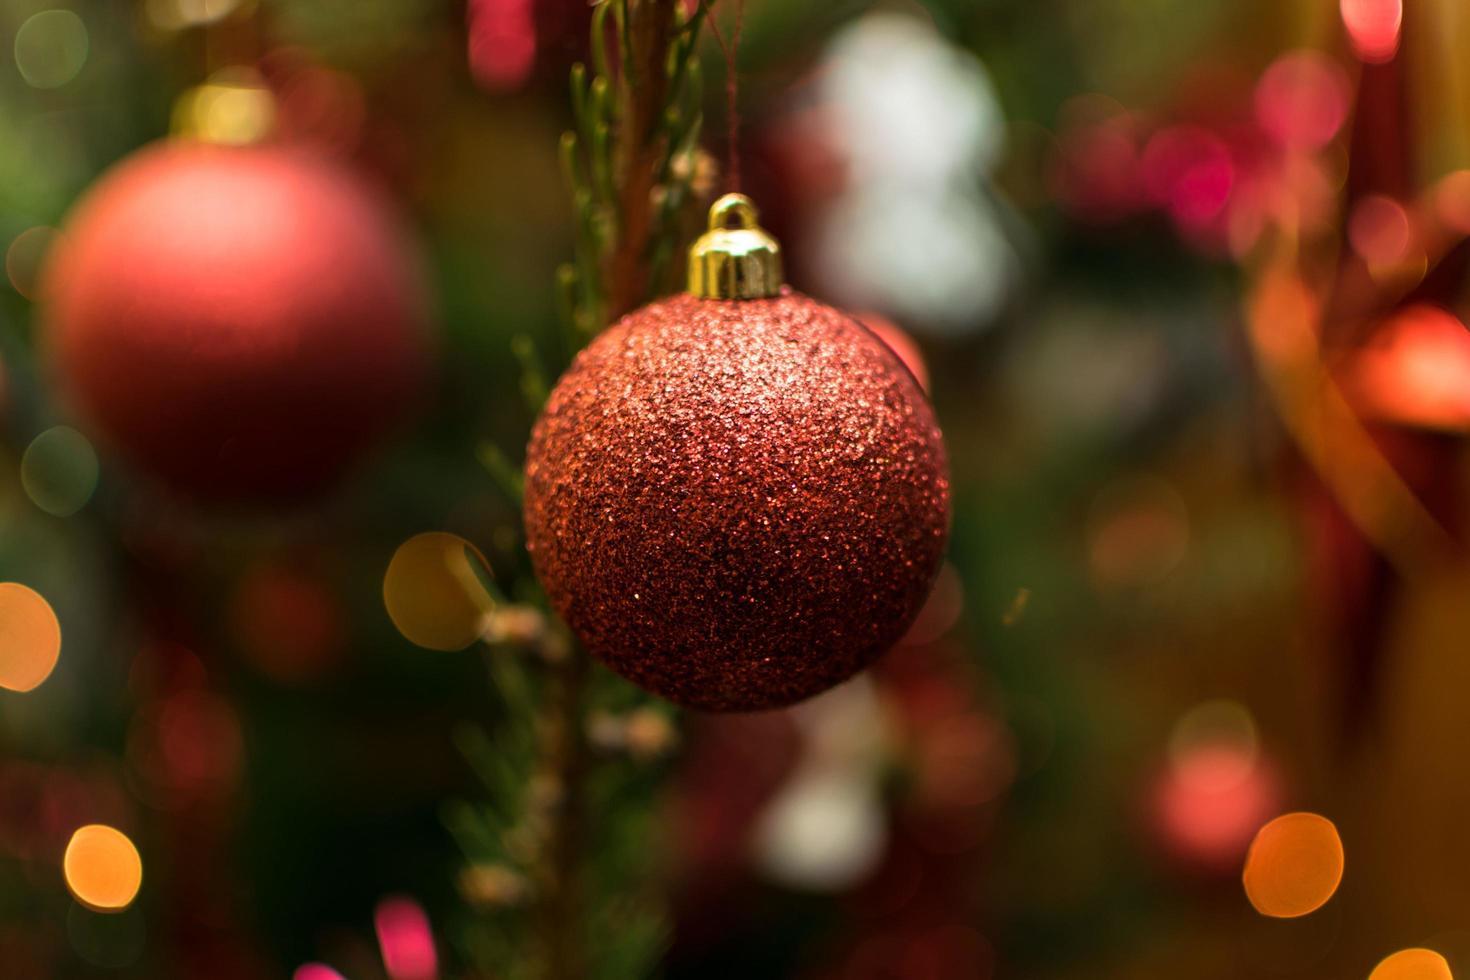 bombillas rojas de navidad foto